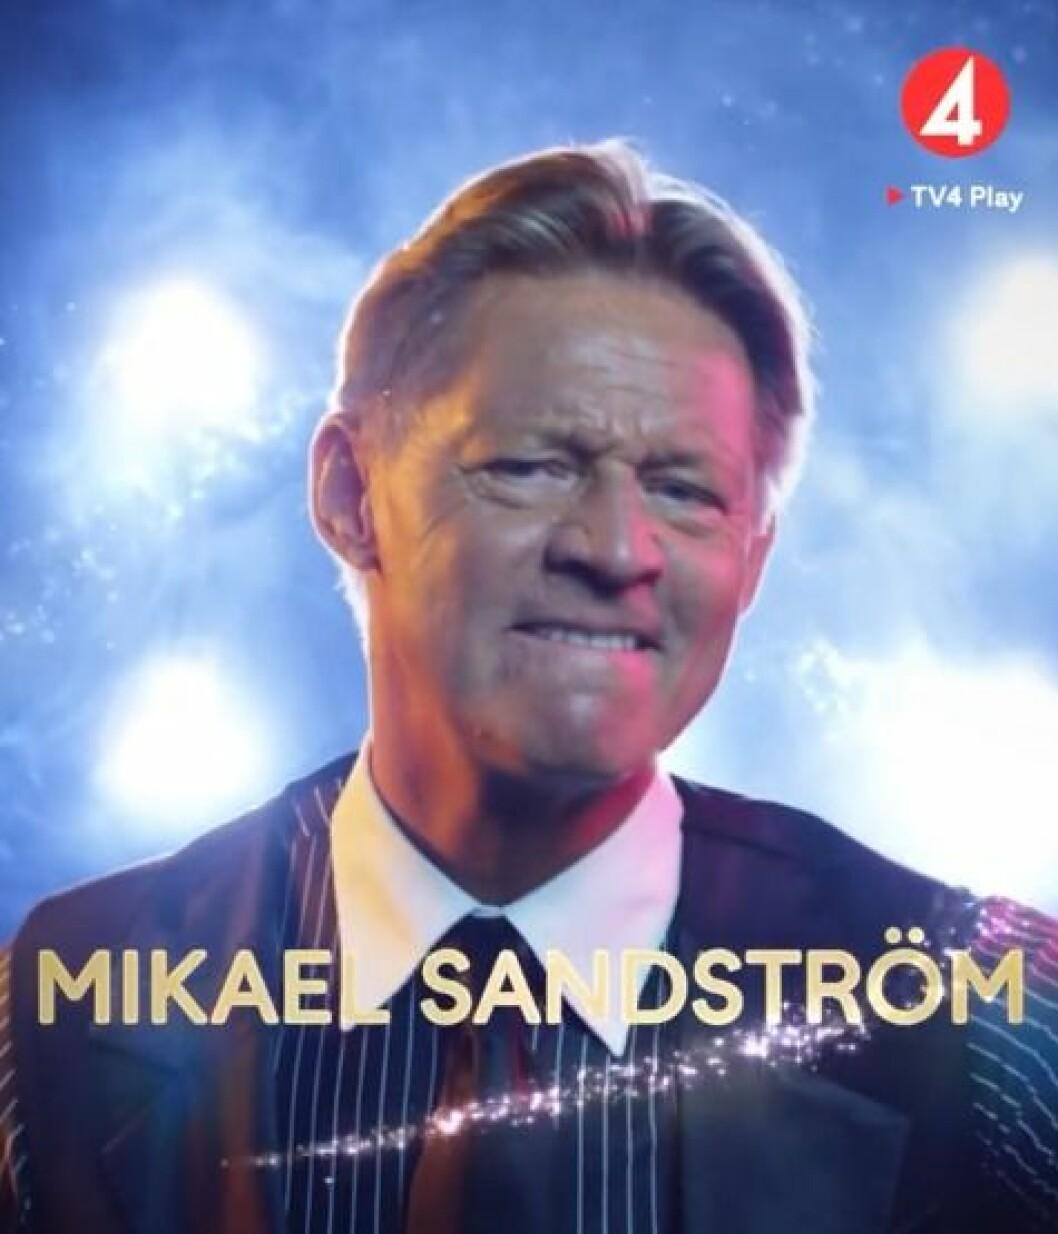 Mikael Sandström är med i Let's dance 2020